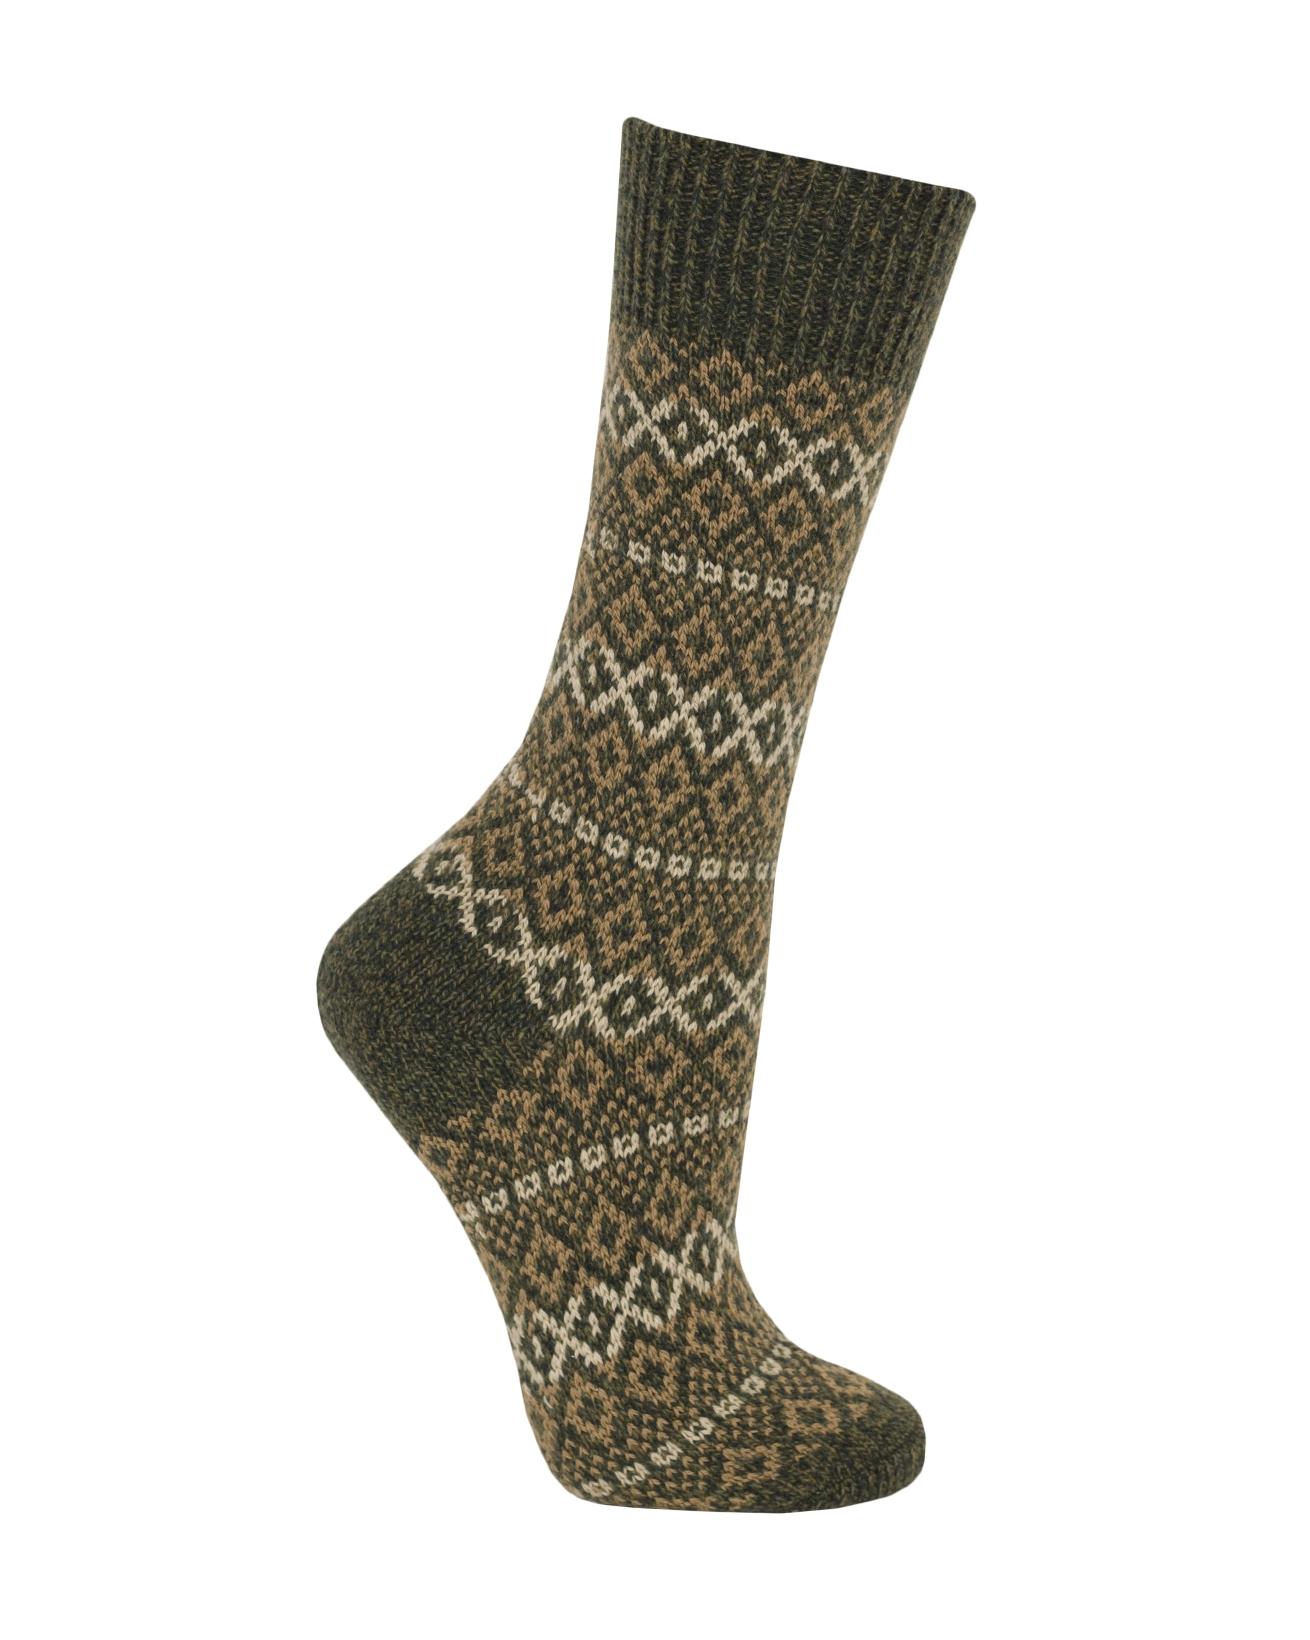 6859_ladies_fairisle_socks_forest marl.jpg